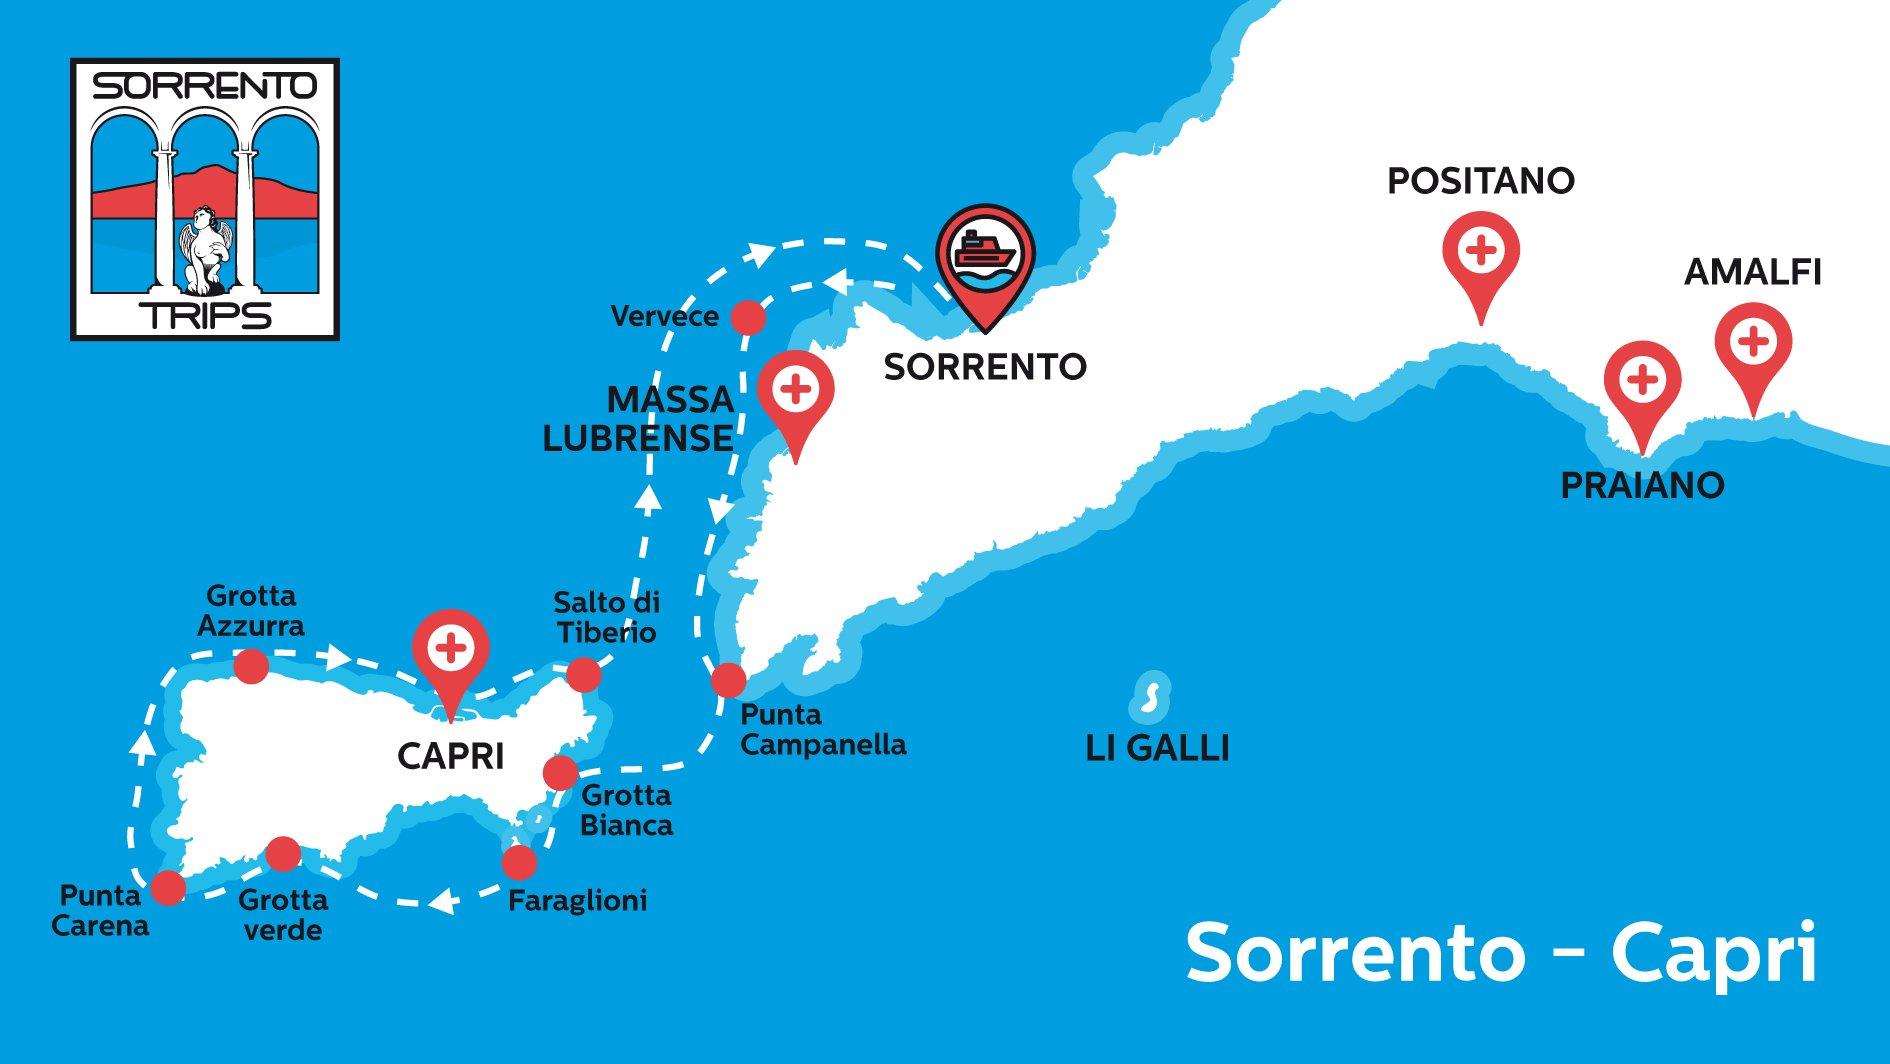 Sorrento Capri Mappa del Tour